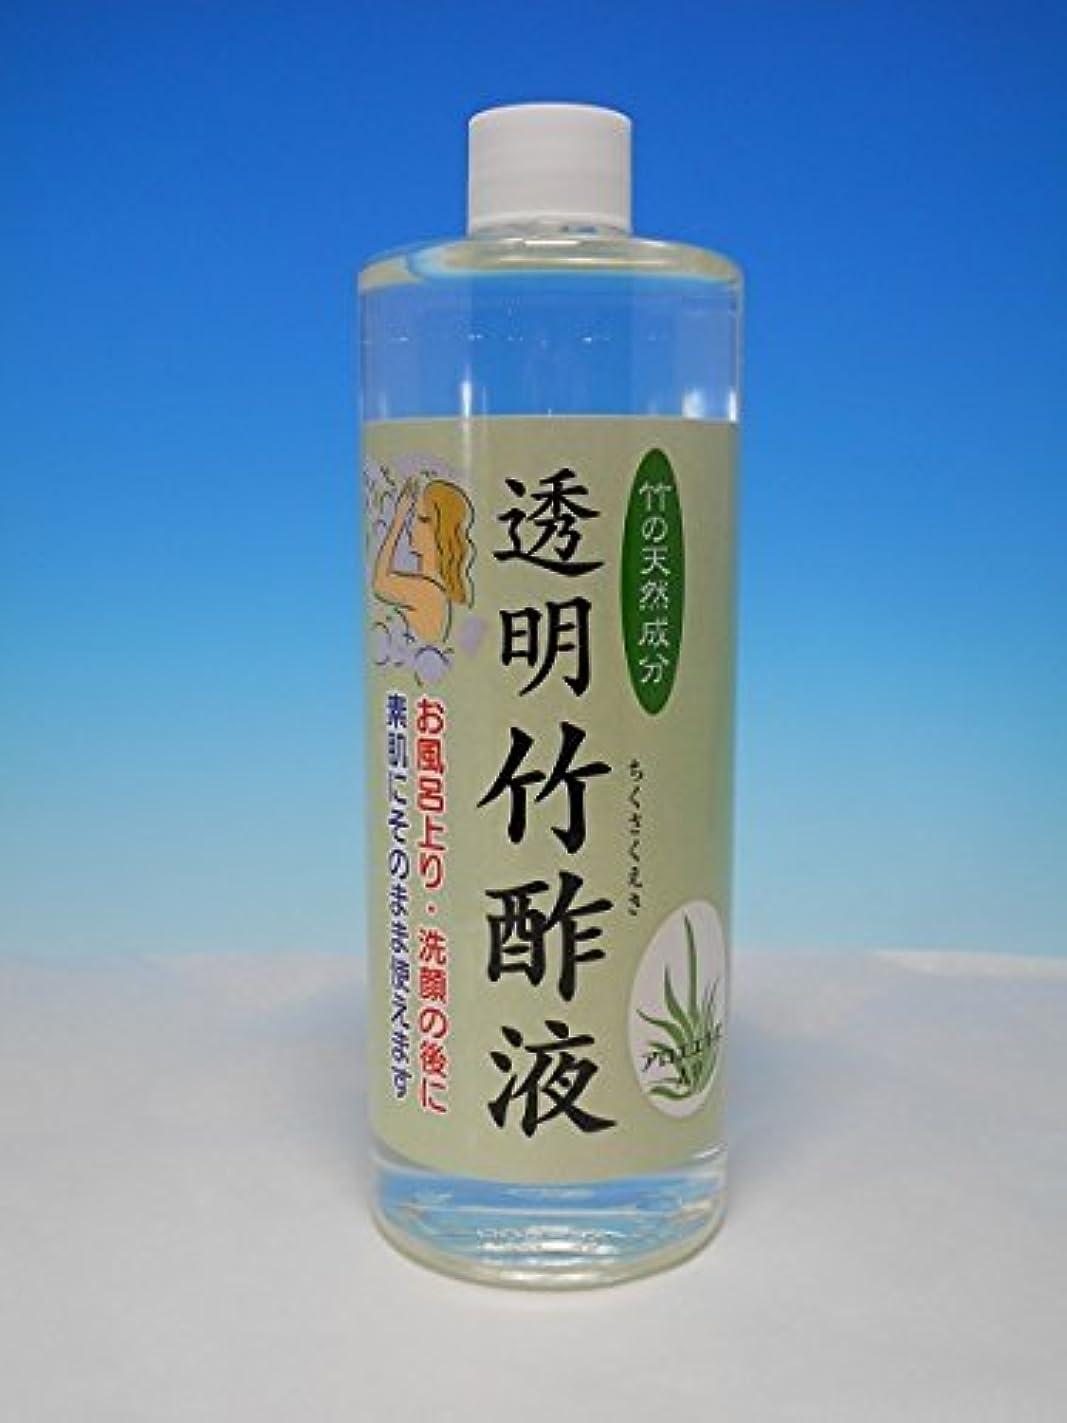 ファイナンス光沢クロール透明竹酢液 500ml 素肌に使える化粧水タイプの竹酢液